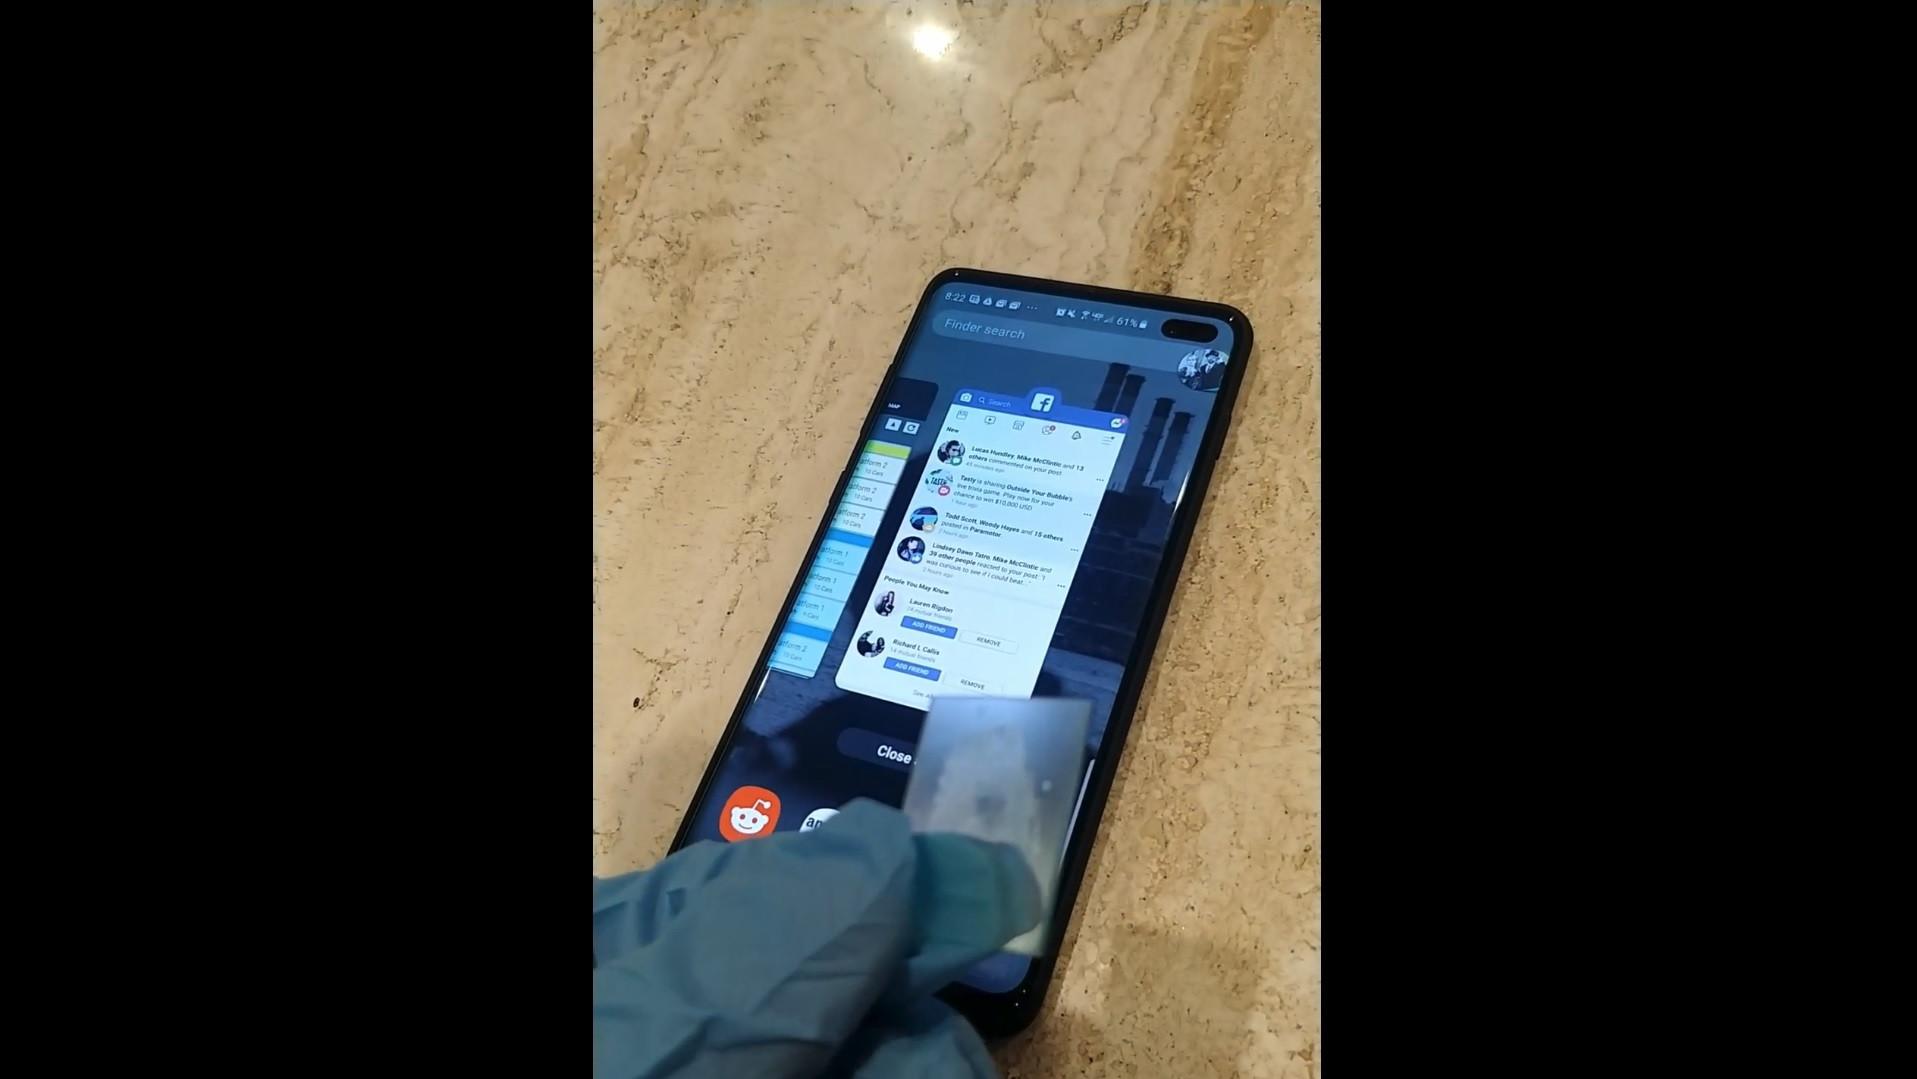 Galaxy S10. Vídeo mostra sensor de impressões digitais a ser enganado